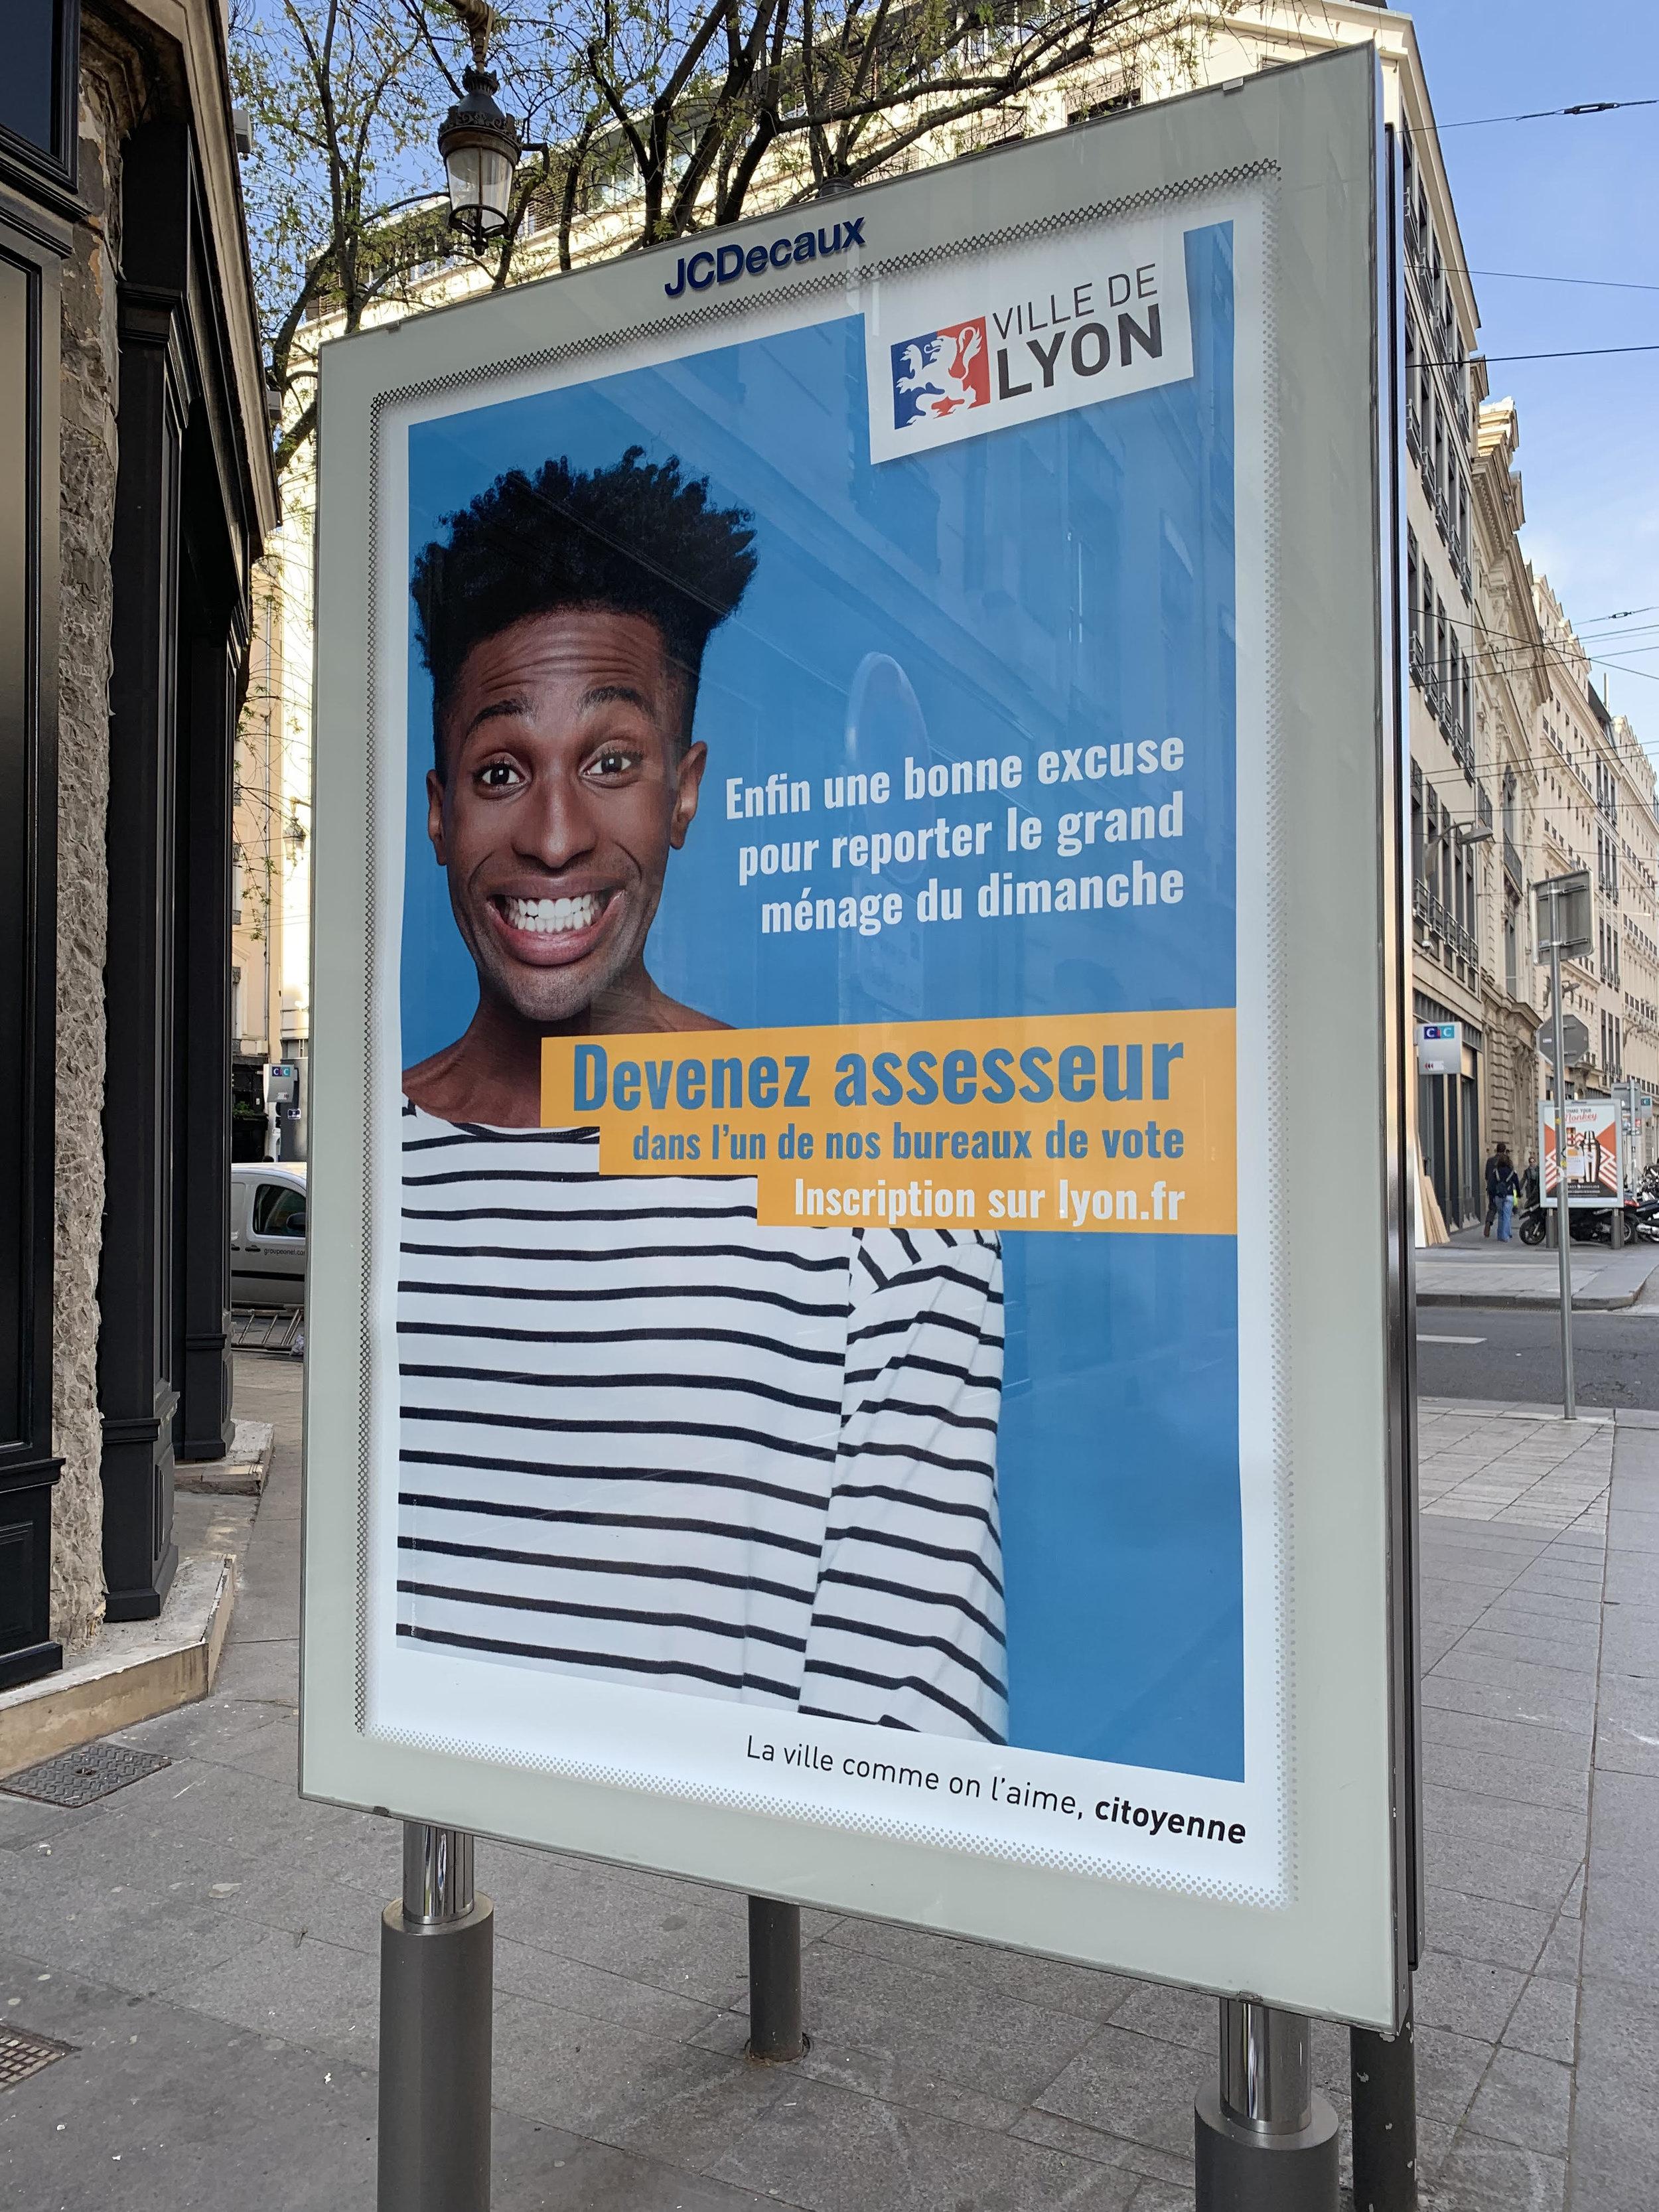 Recrutement des assesseurs pour la Ville de Lyon - Copywriter : Marie Pottiez